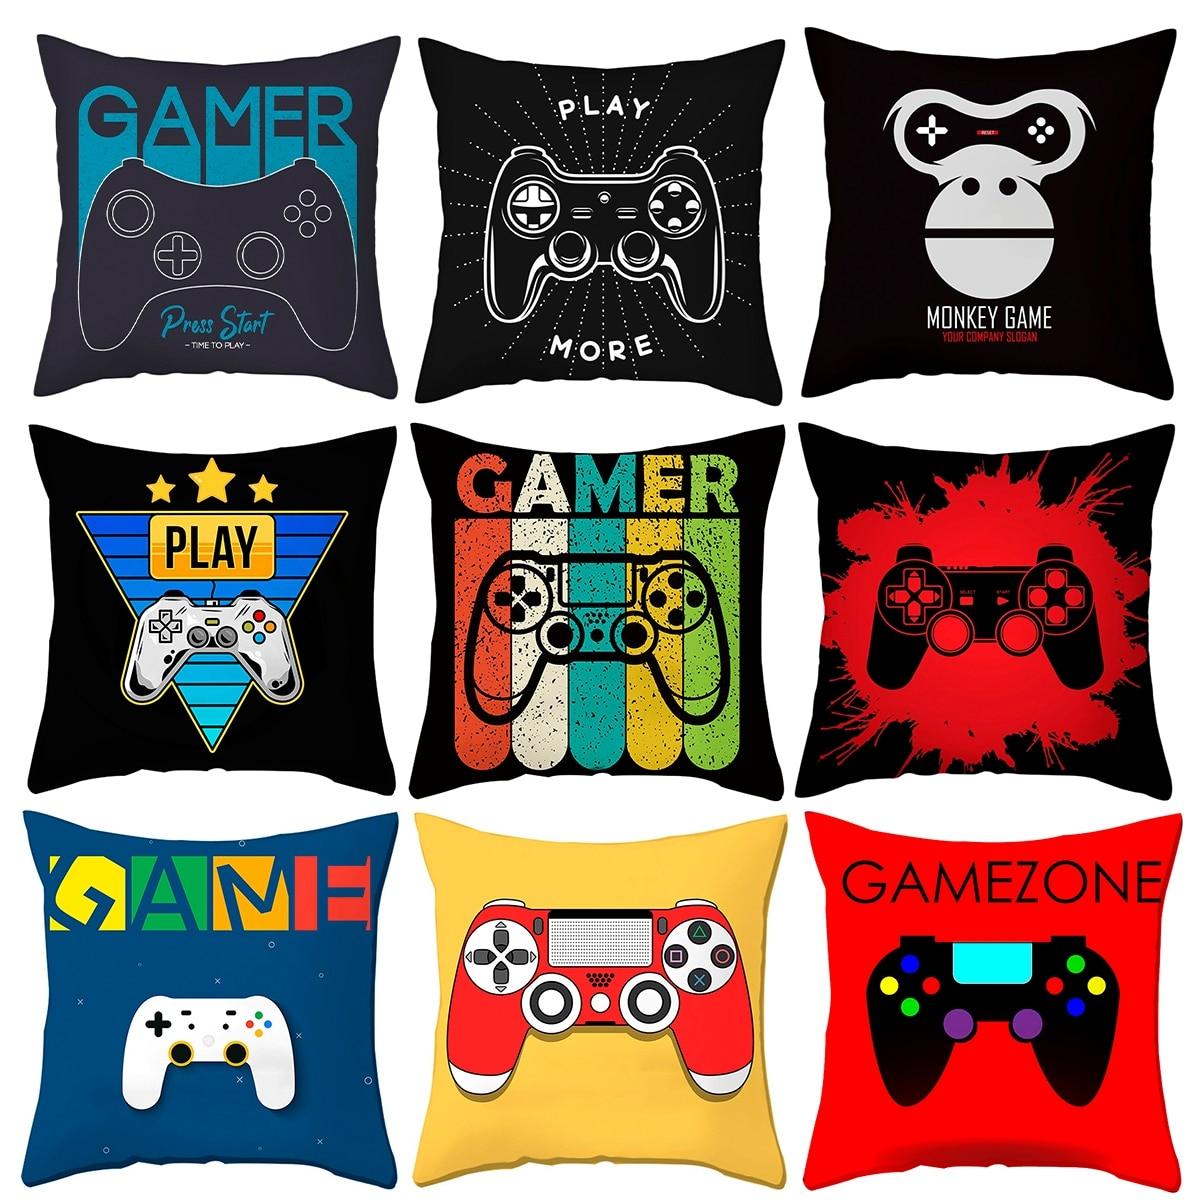 Черный игровой контроллер с клавиатурой, наволочка для подушки, наволочка для гостиной, спальни, дивана, декоративные подушки